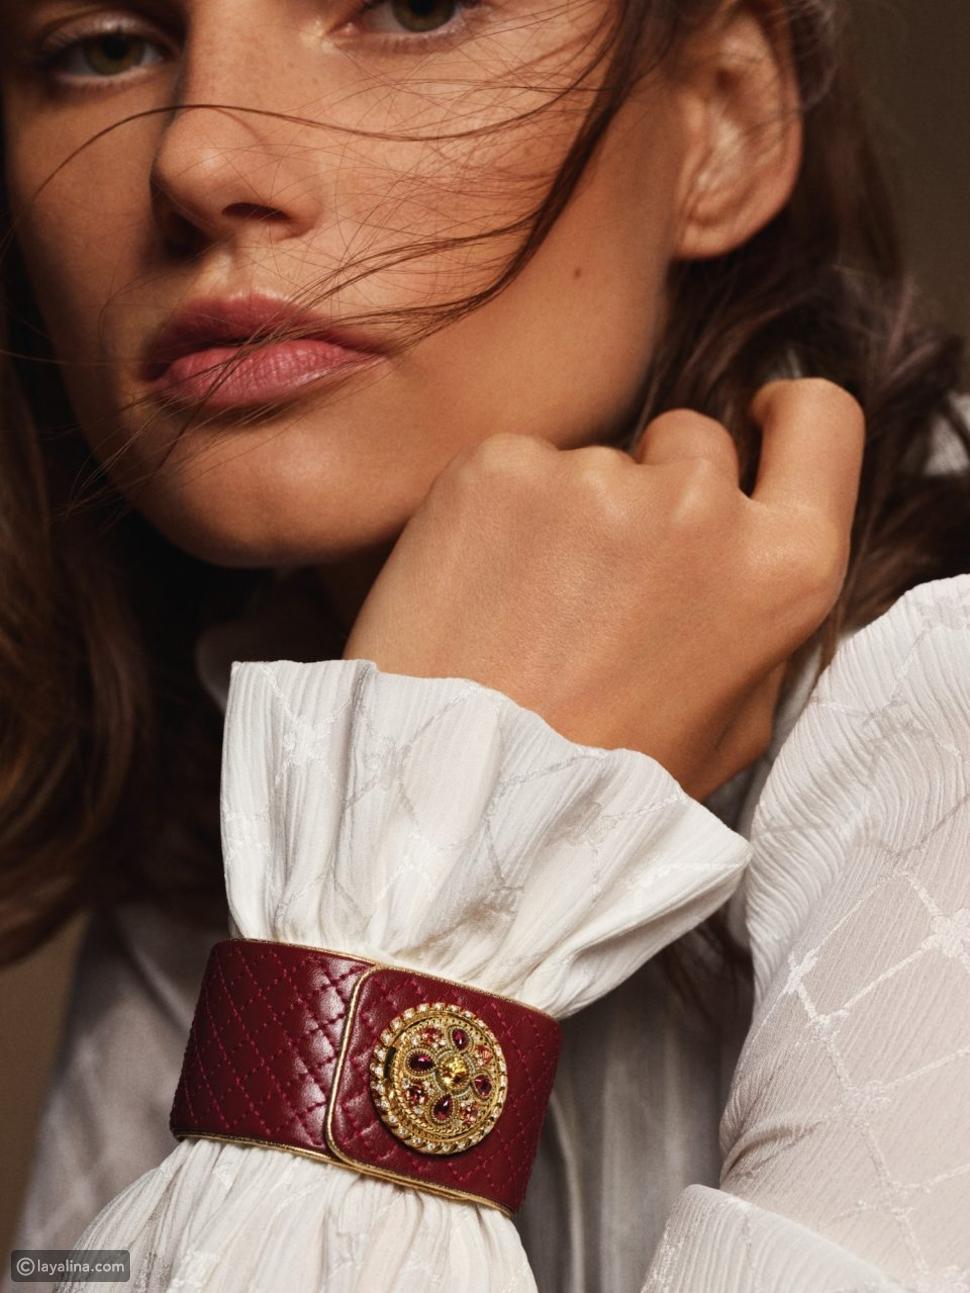 ساعات Mademoiselle Privé Bouton من Chanel المستوحاة من أزياء الدار